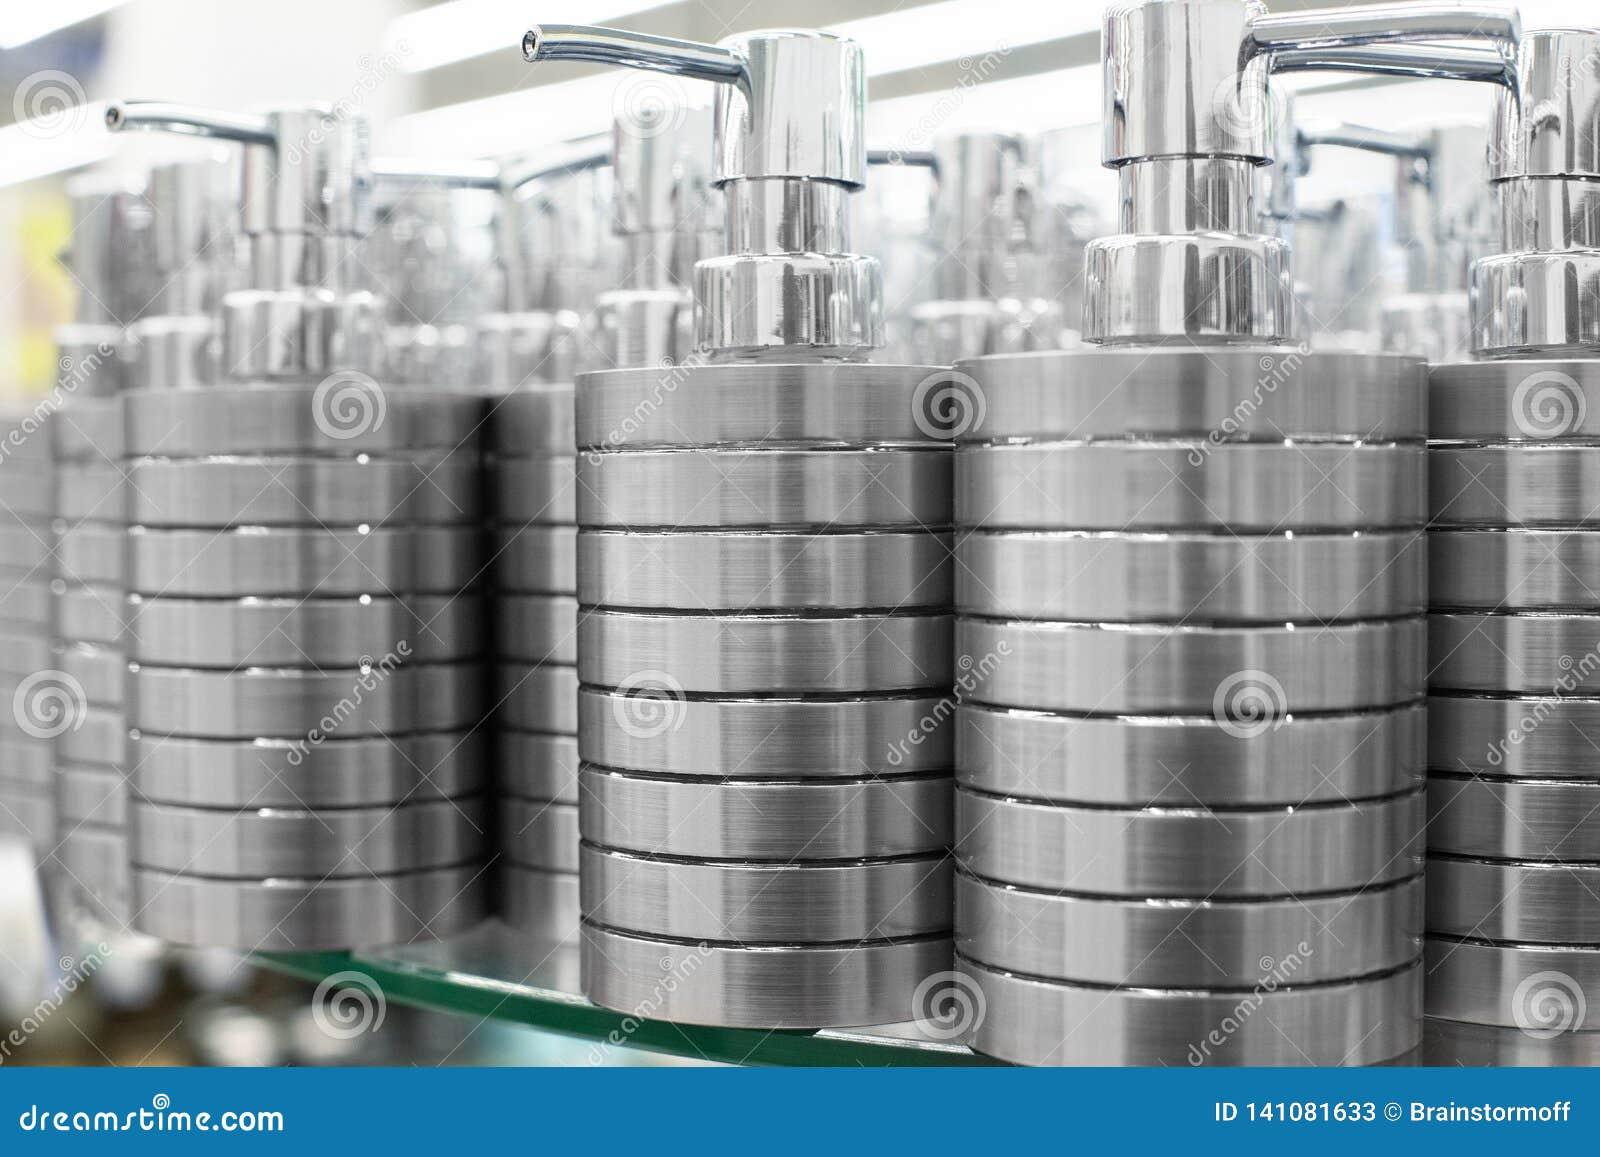 Distribuidor do prato de sabão para o sabão líquido, acessórios do metal do banheiro no vidro para arquivar perto na loja acima,